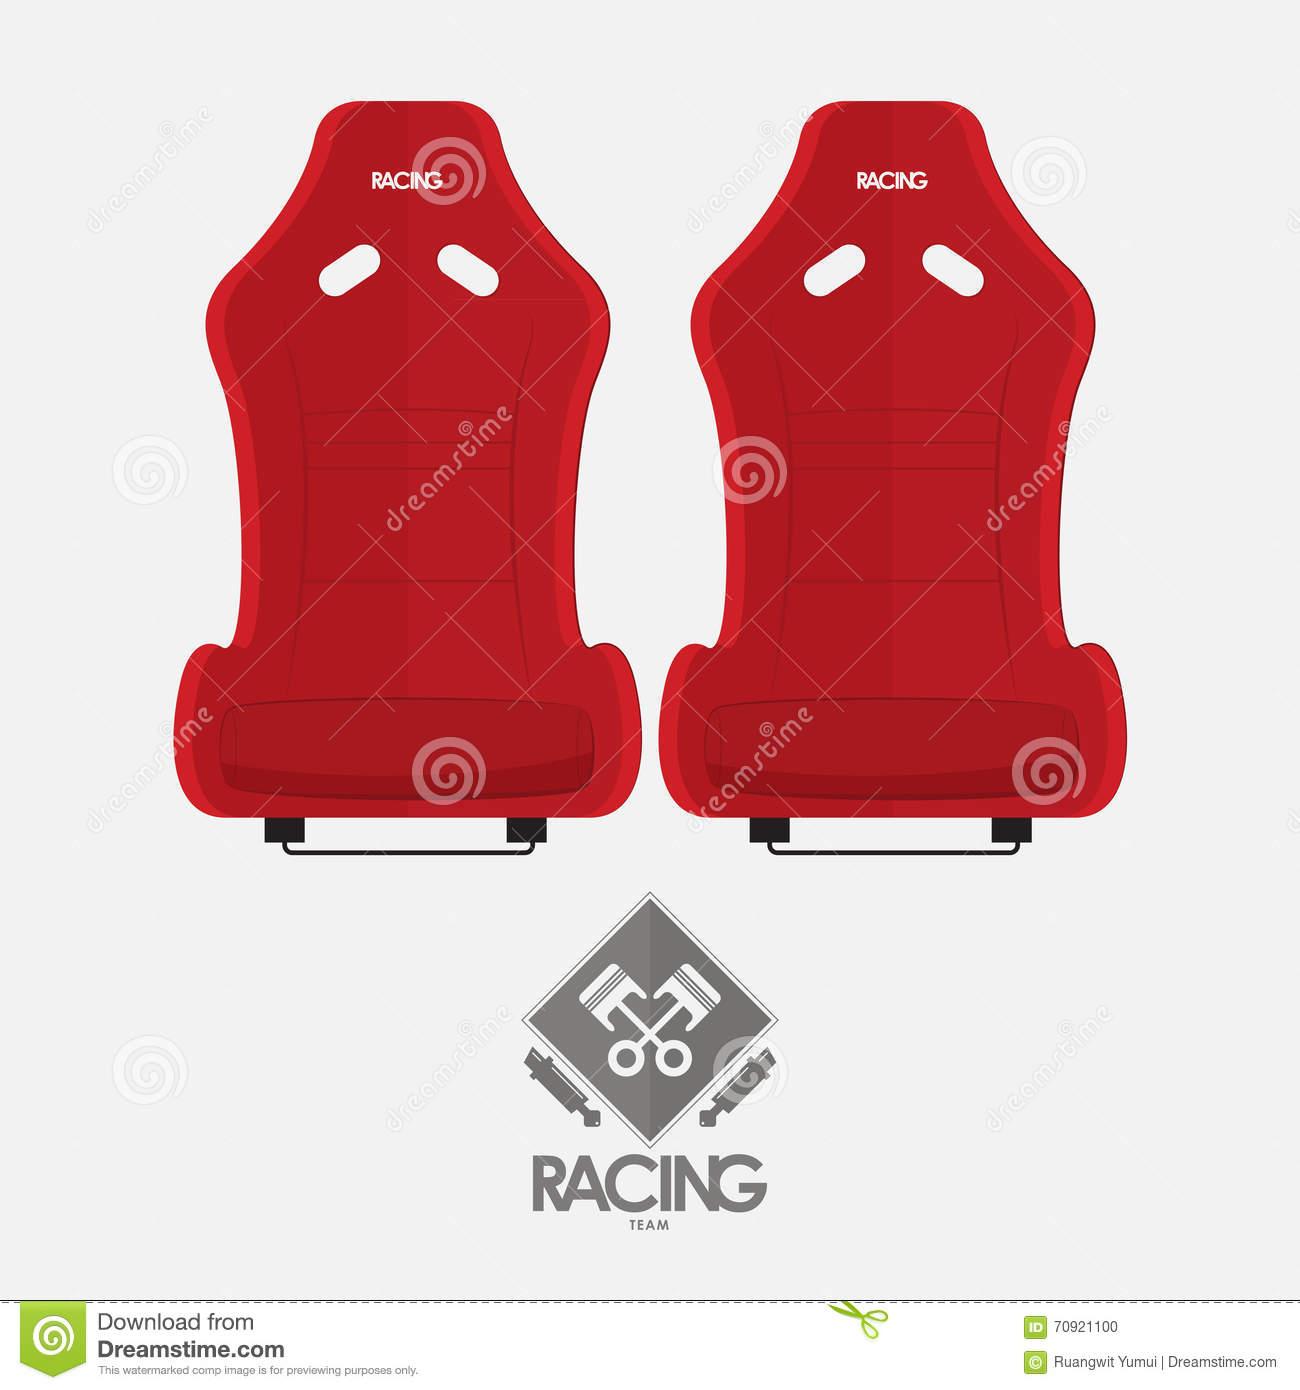 Red Racing Bucket Seats In Flat Design. Garage Logo. Stock Vector.